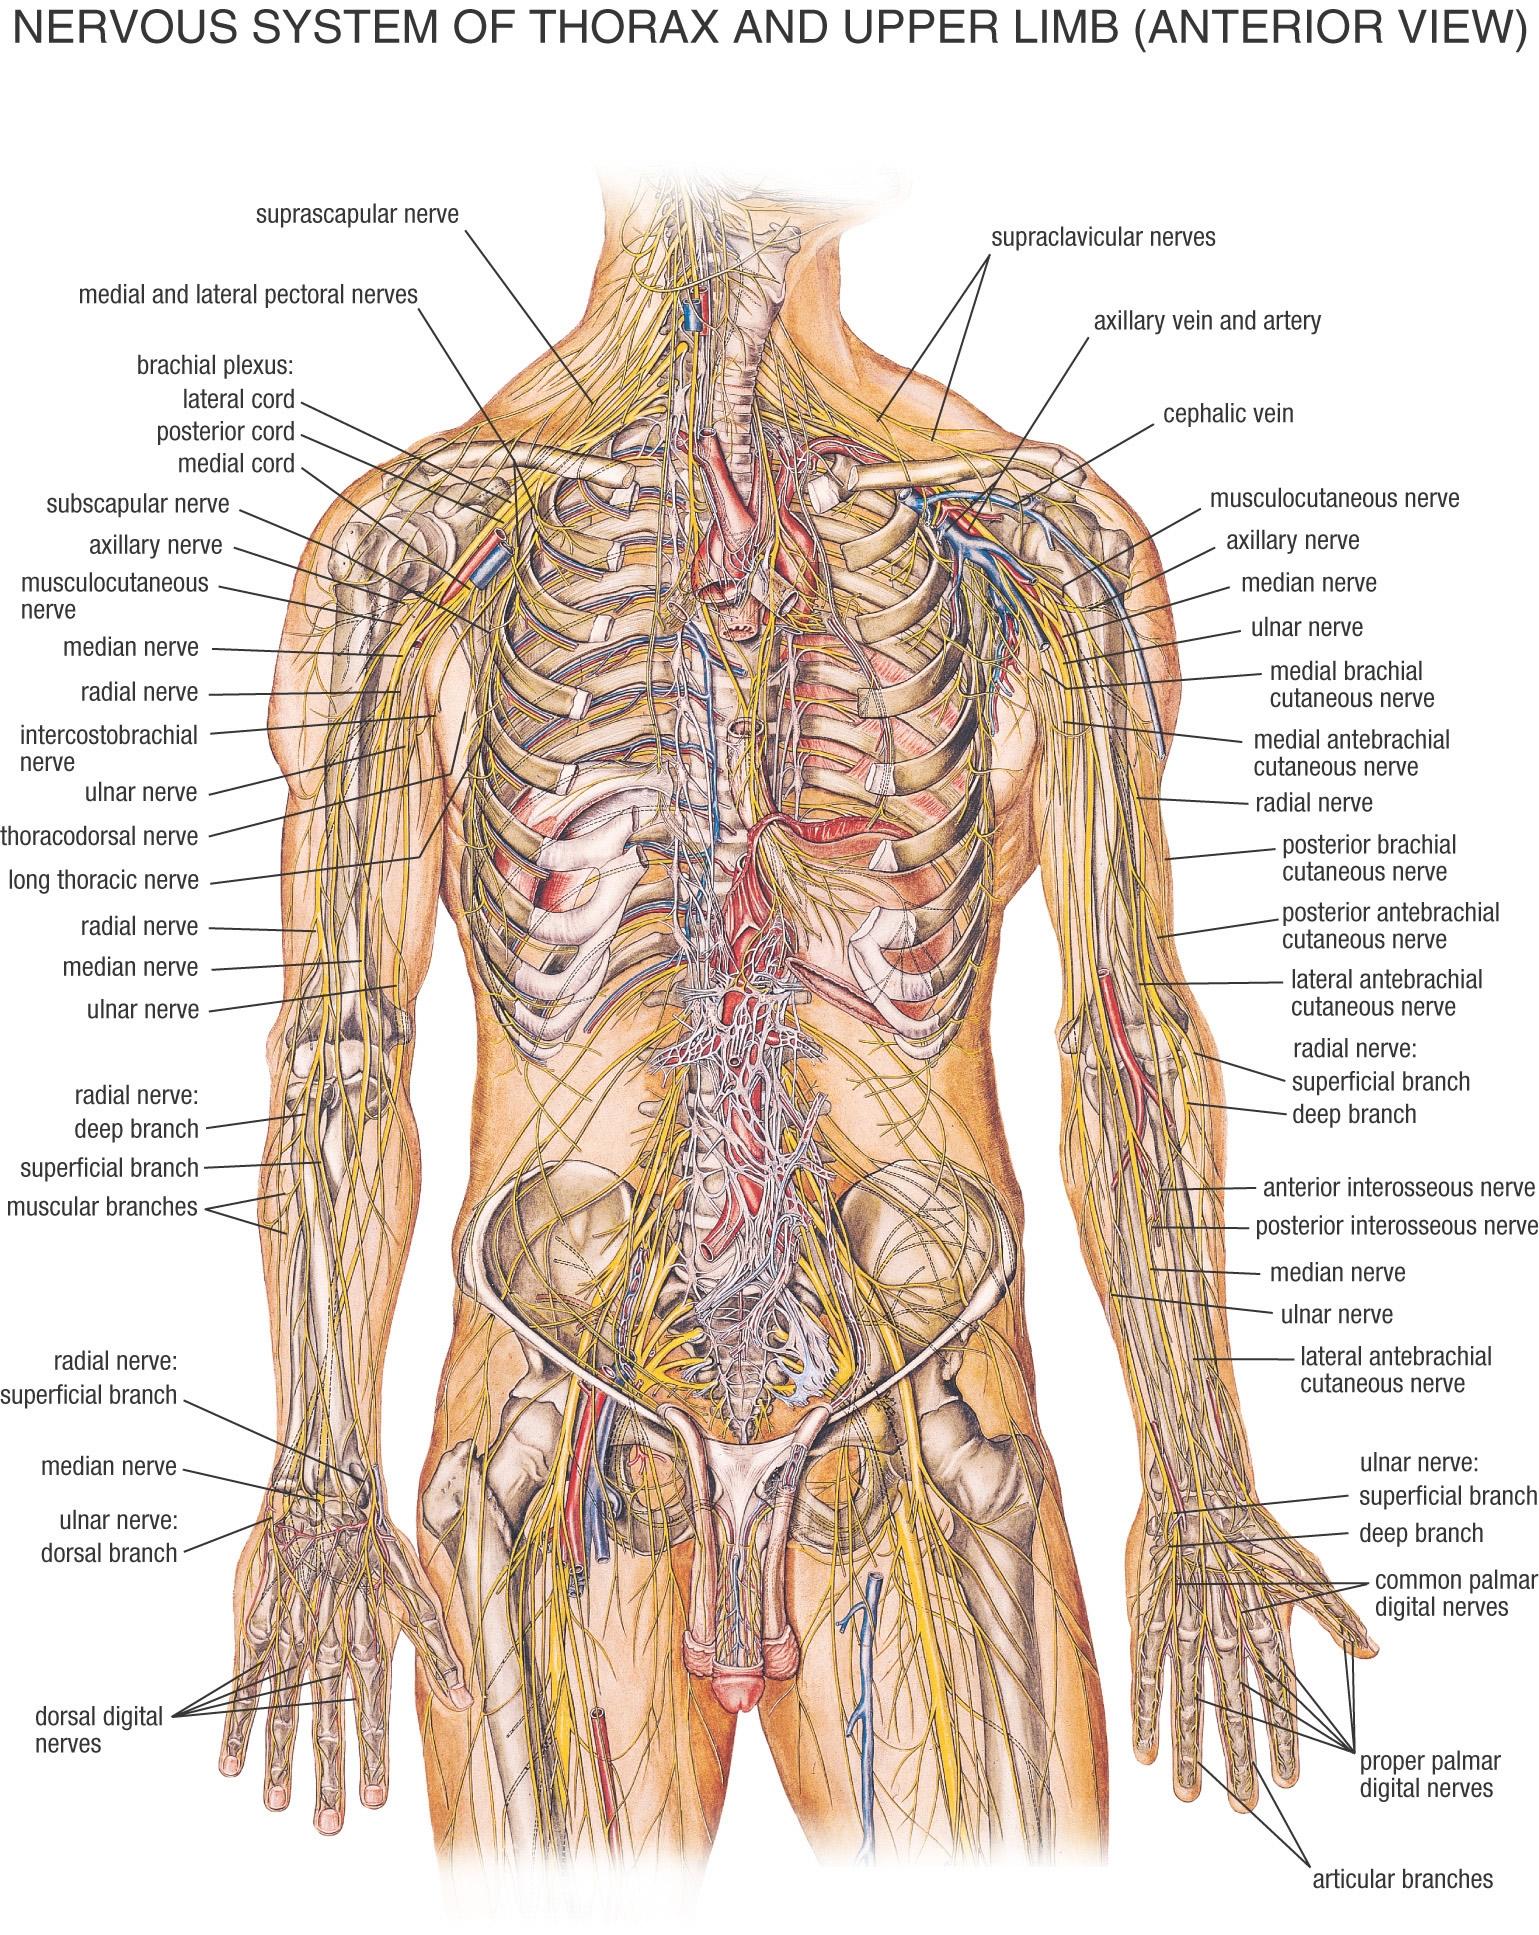 Human Anatomy Ken To Fude No Ryu Kenshu Kai Karate Soke Solly Said